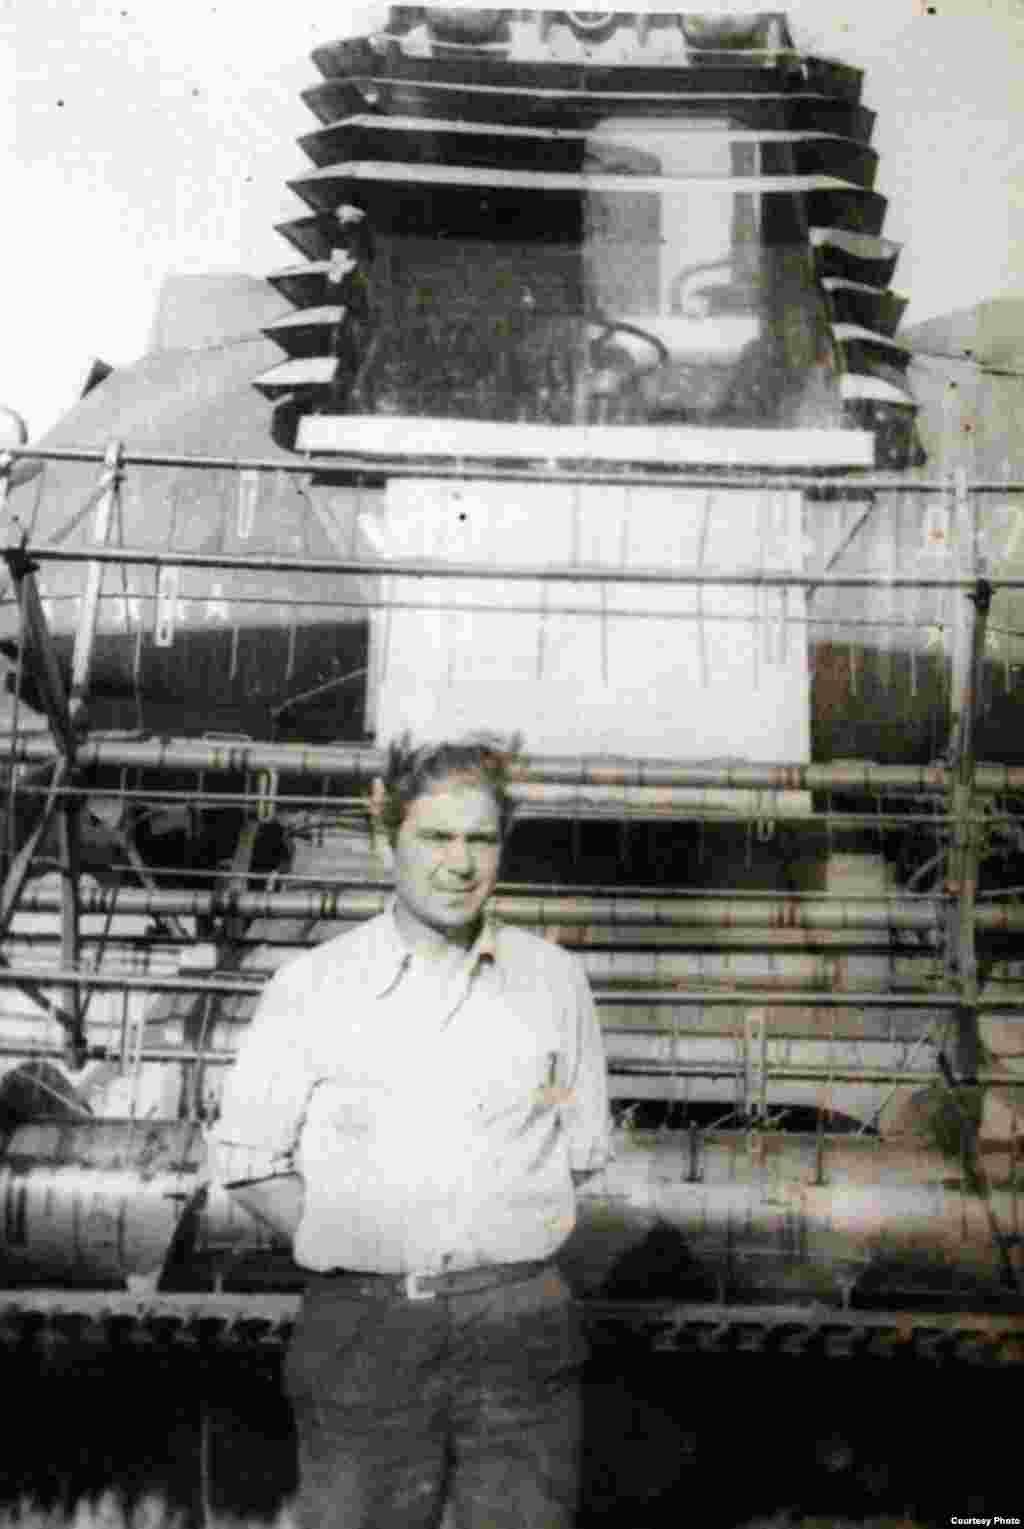 Pavel Minkovski, tatăl Marinei Pșenic, lucrând în câmp. Ursoaia, circa 1970